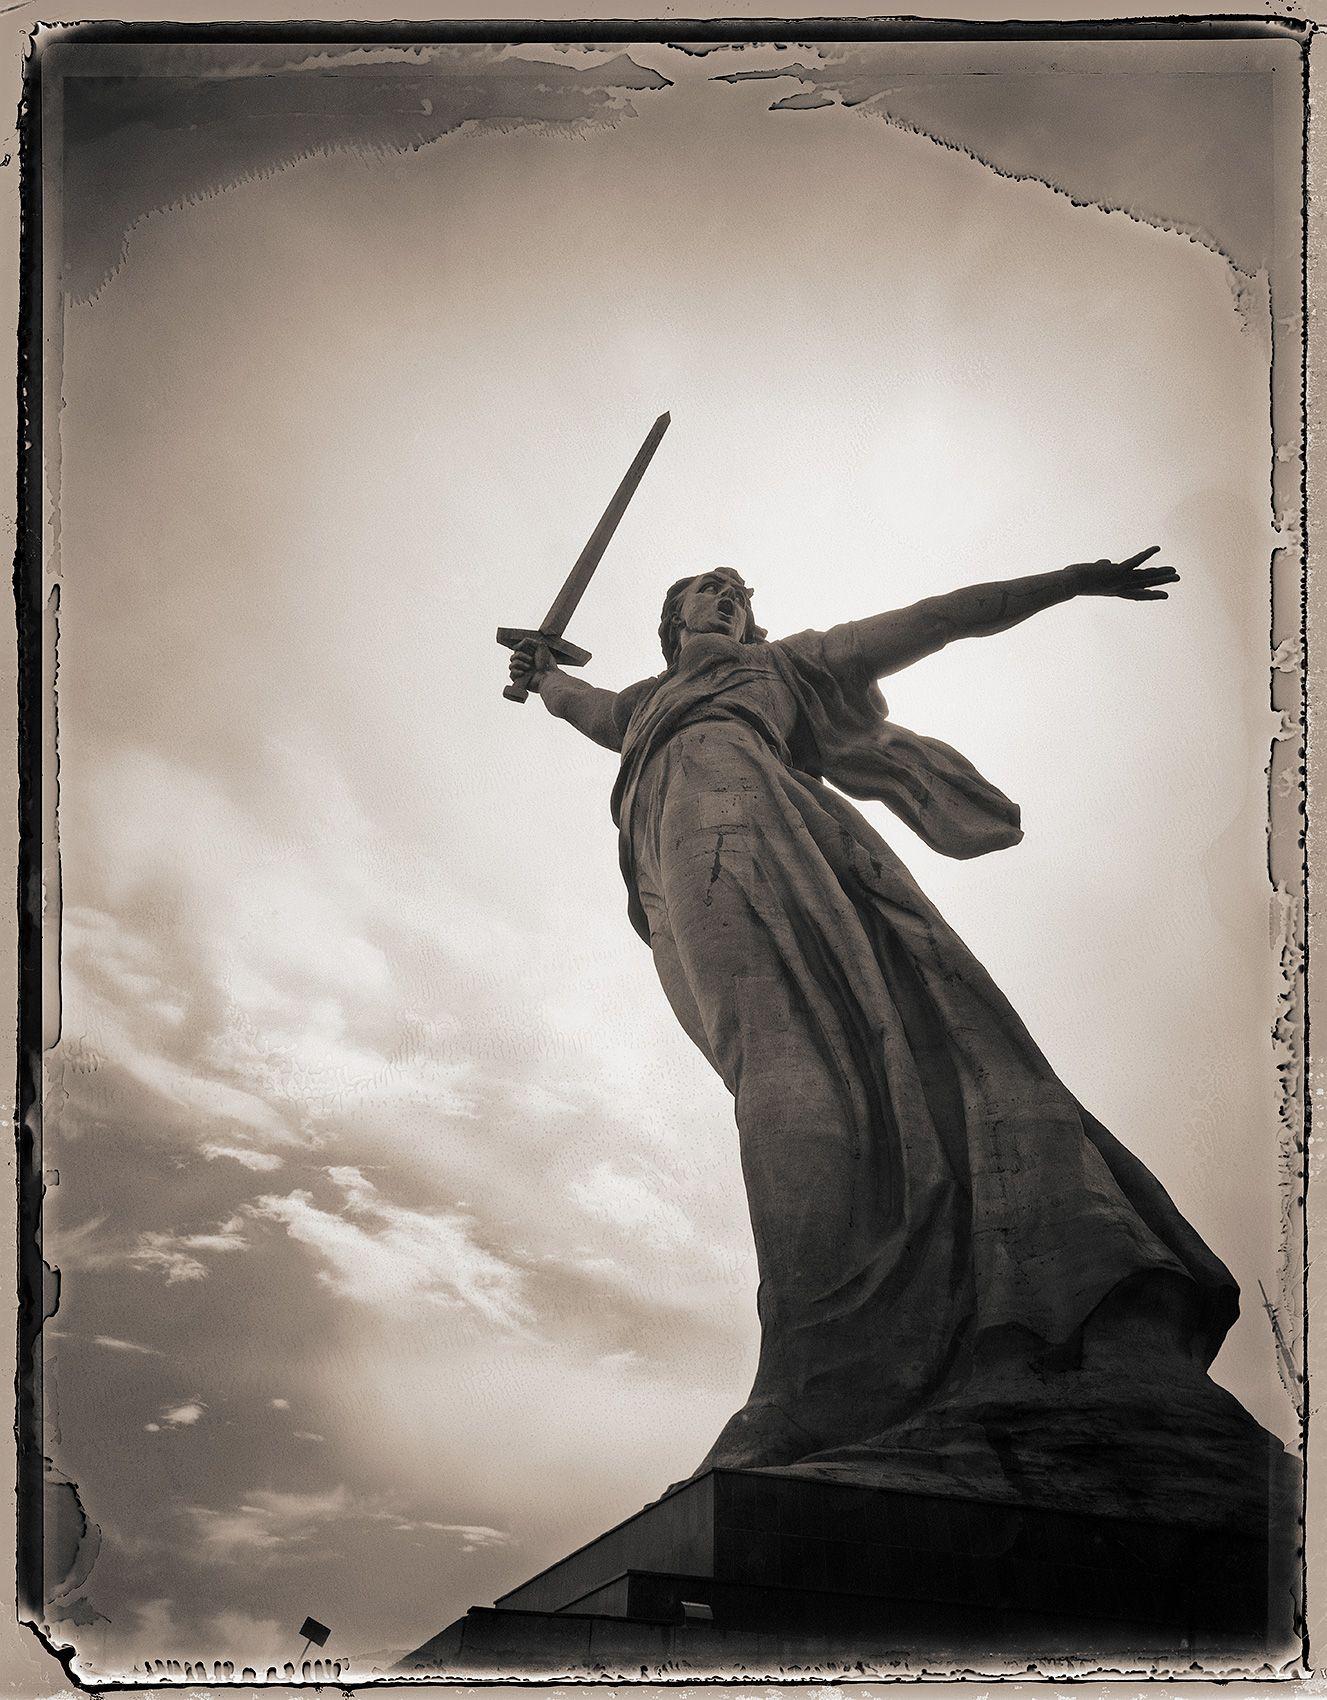 Motherland Calls, Clearing Storm, Volgograd, Russia